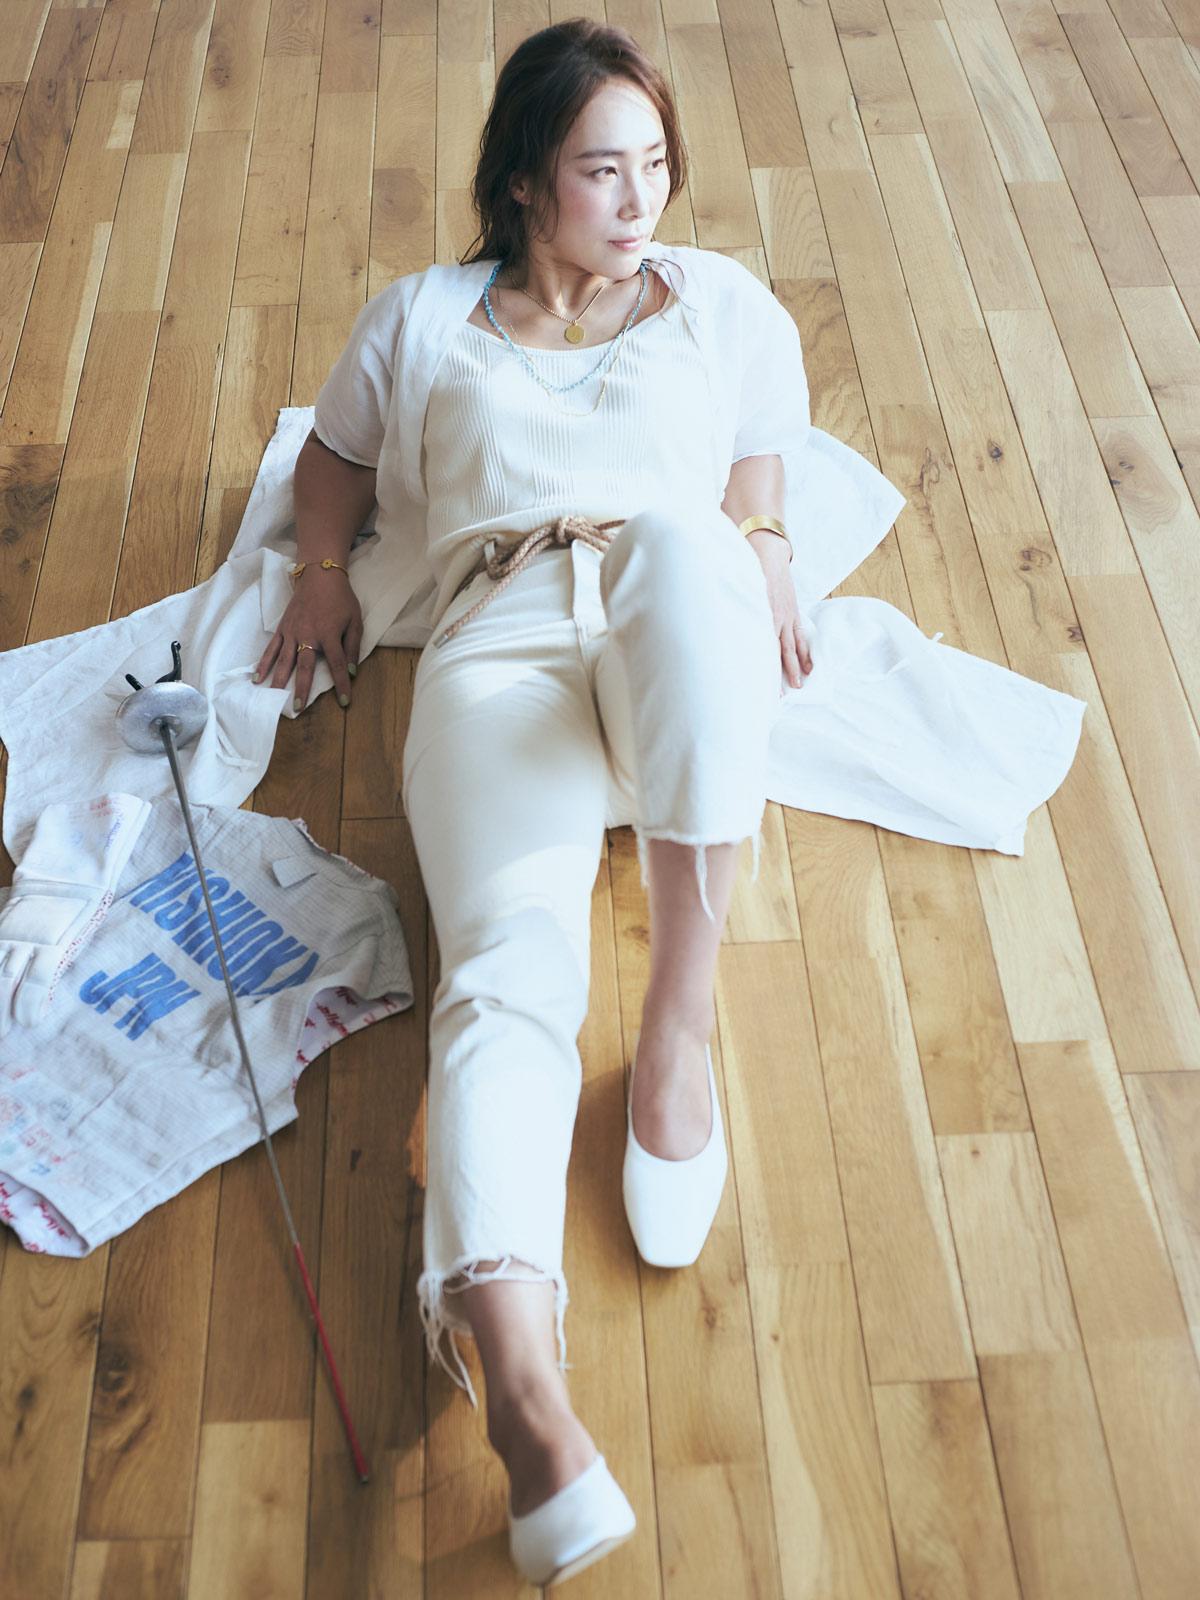 フェンシングの実力者【西岡詩穂】が白デニムの着こなしに挑む! スラリとした体型に似合う、全身白スタイル!